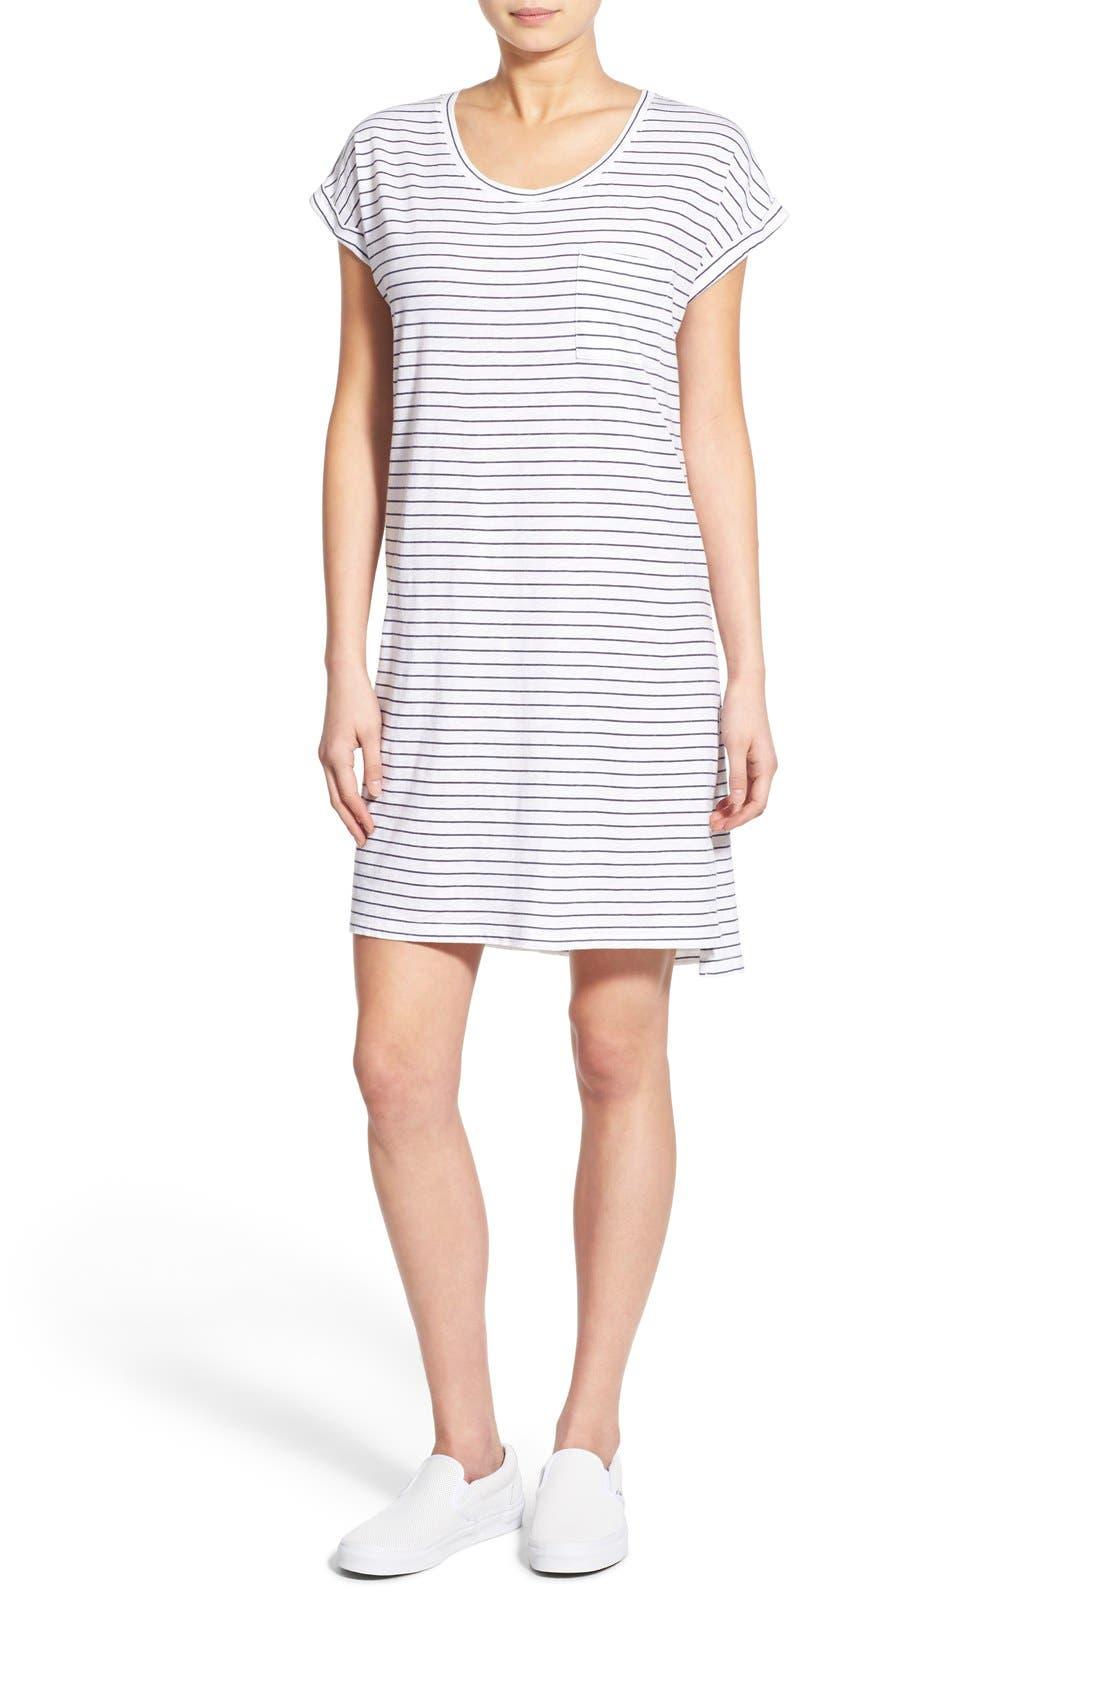 Alternate Image 1 Selected - Sundry Stripe Short Sleeve Shift Dress